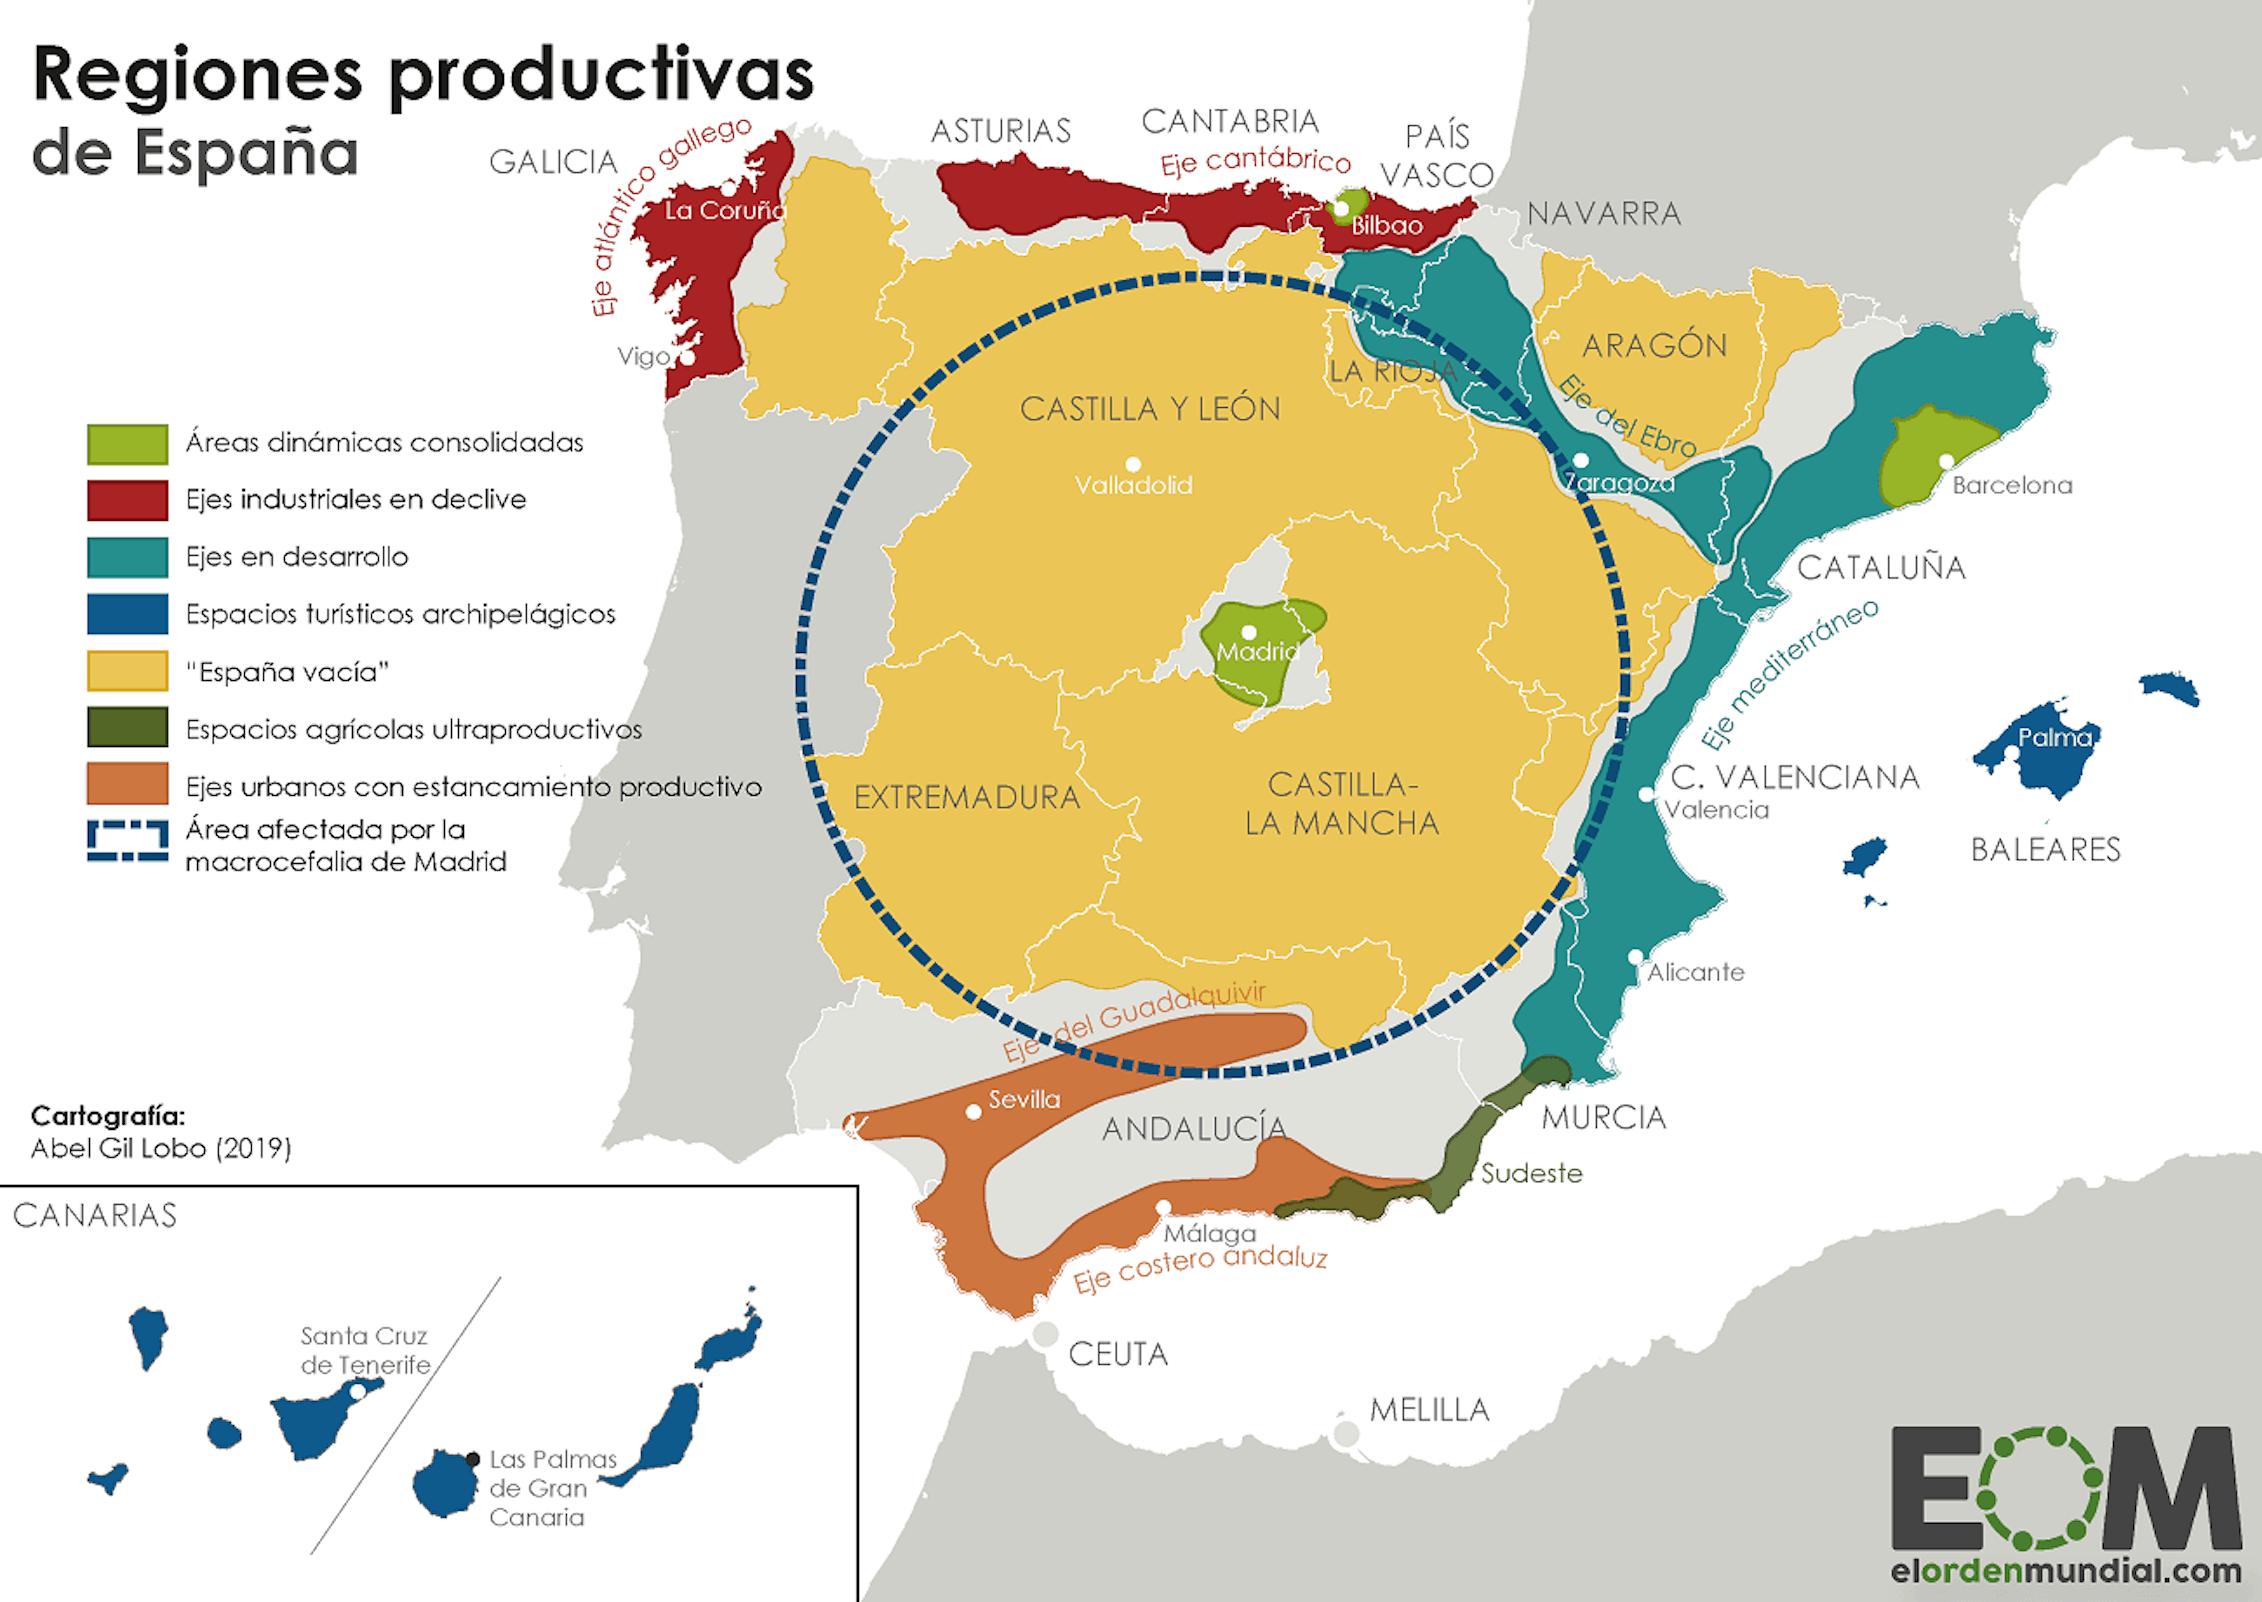 Mapa de las regiones productivas de España.El Orden Mundial / EOM / Abel Gil Lobo,CC BY-NC-ND